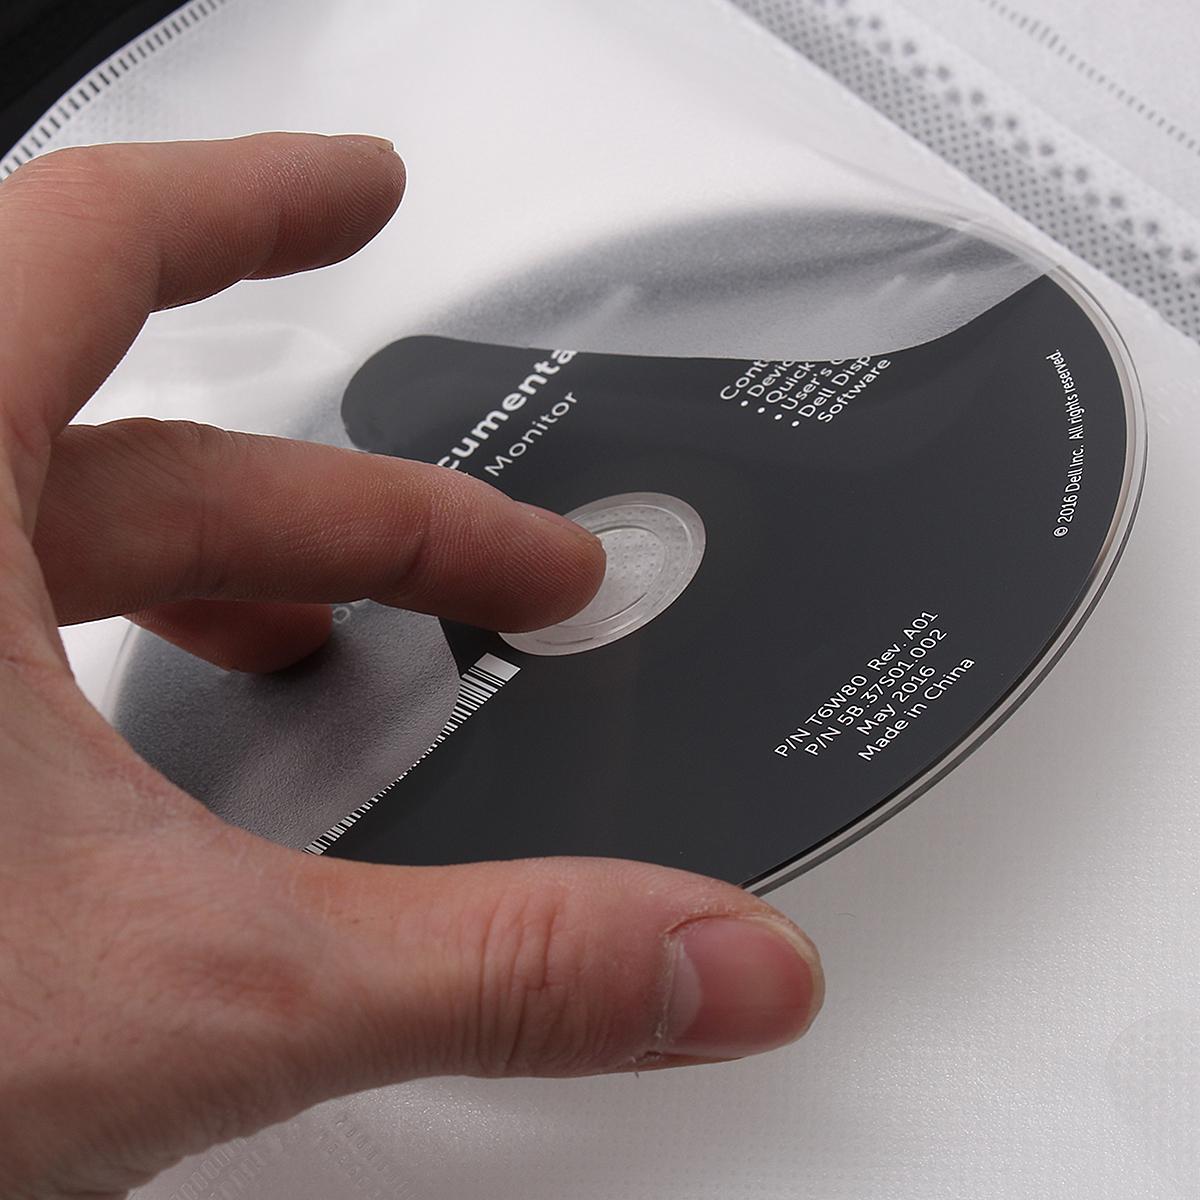 400 Discs CD DVD DJ Wallet Holder Bag Case Album Organizer Media Storage